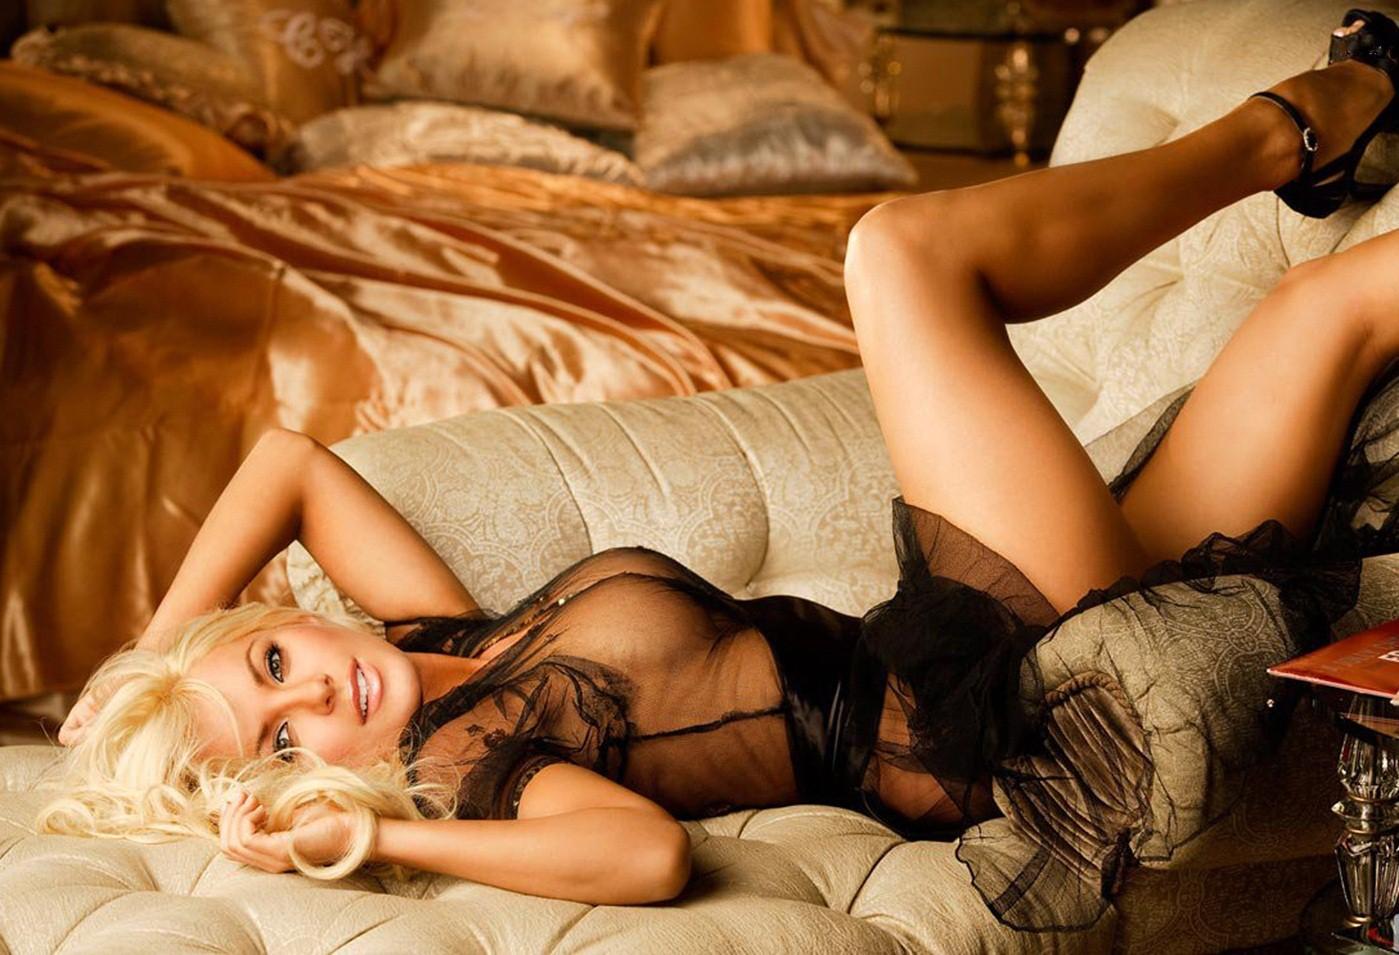 Эротические фото девушки сексуальные 18 фотография